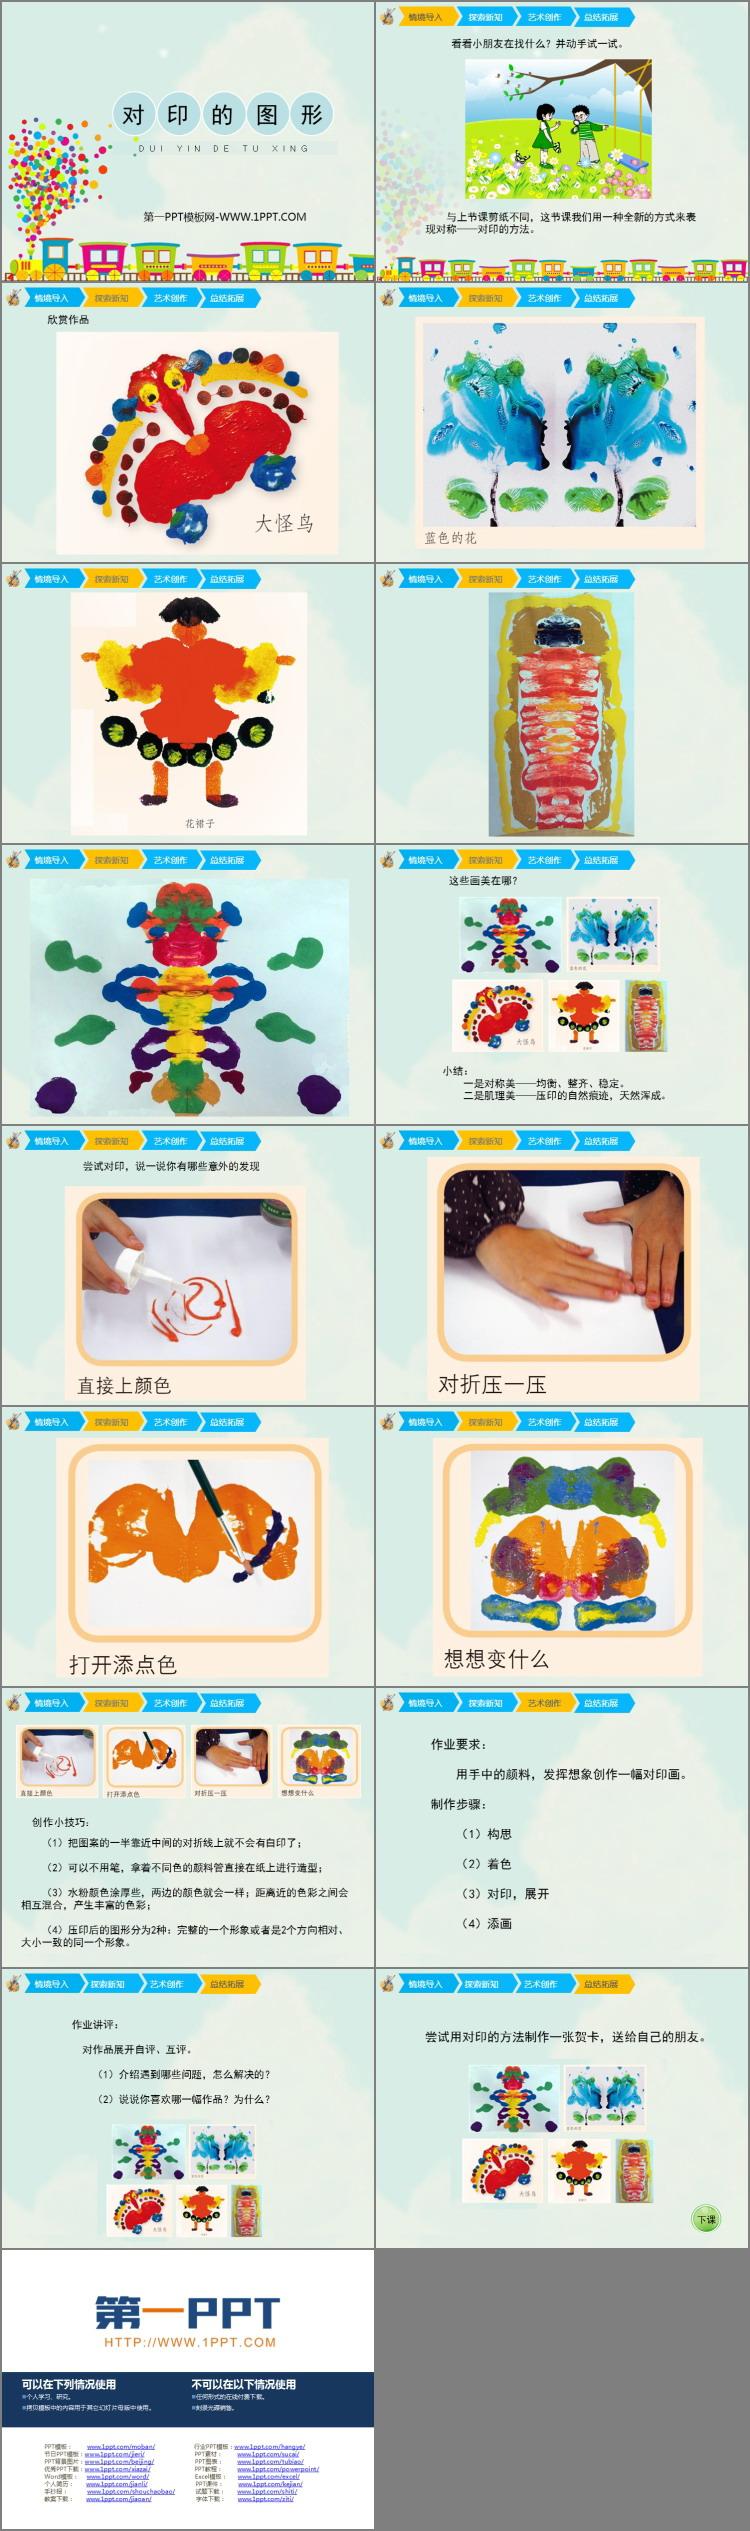 《对印的图形》PPT教学课件